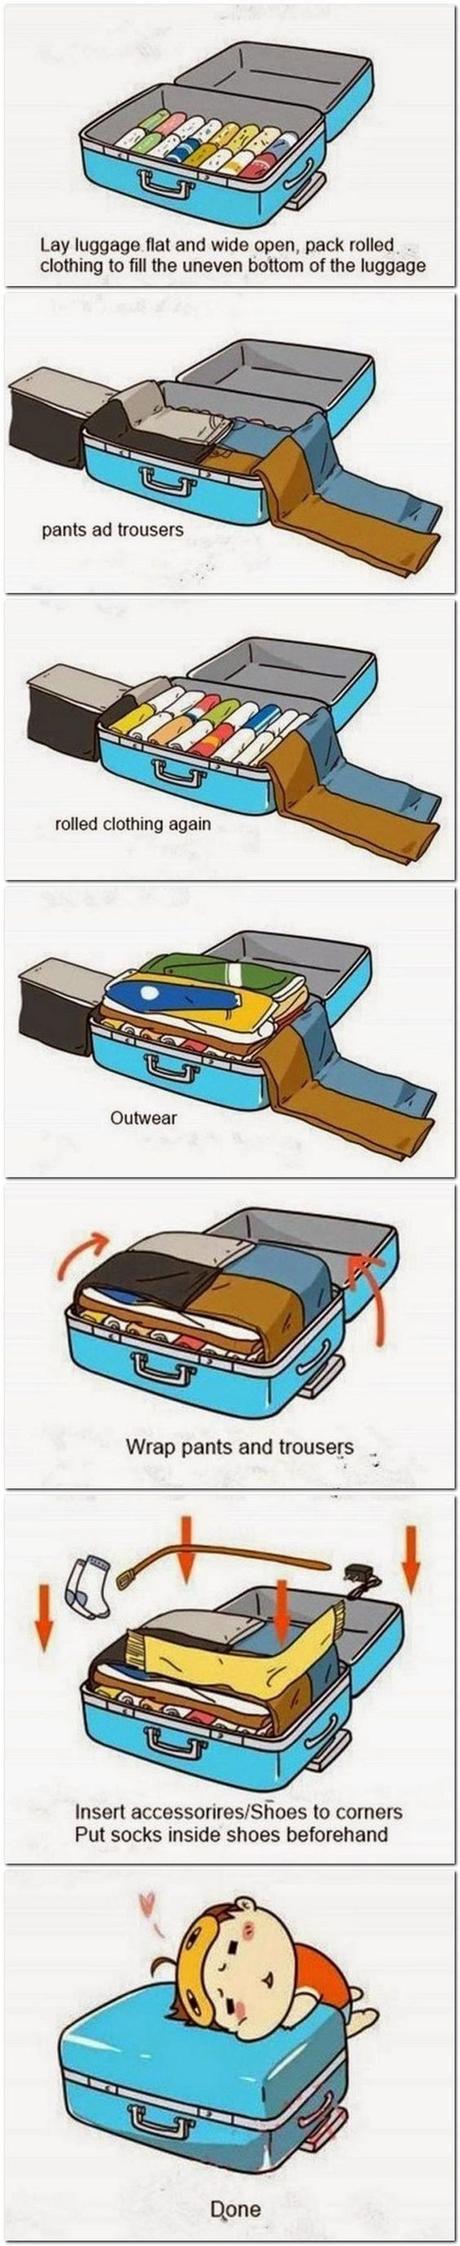 Cómo hacer la maleta perfecta para un viaje de 15 días.